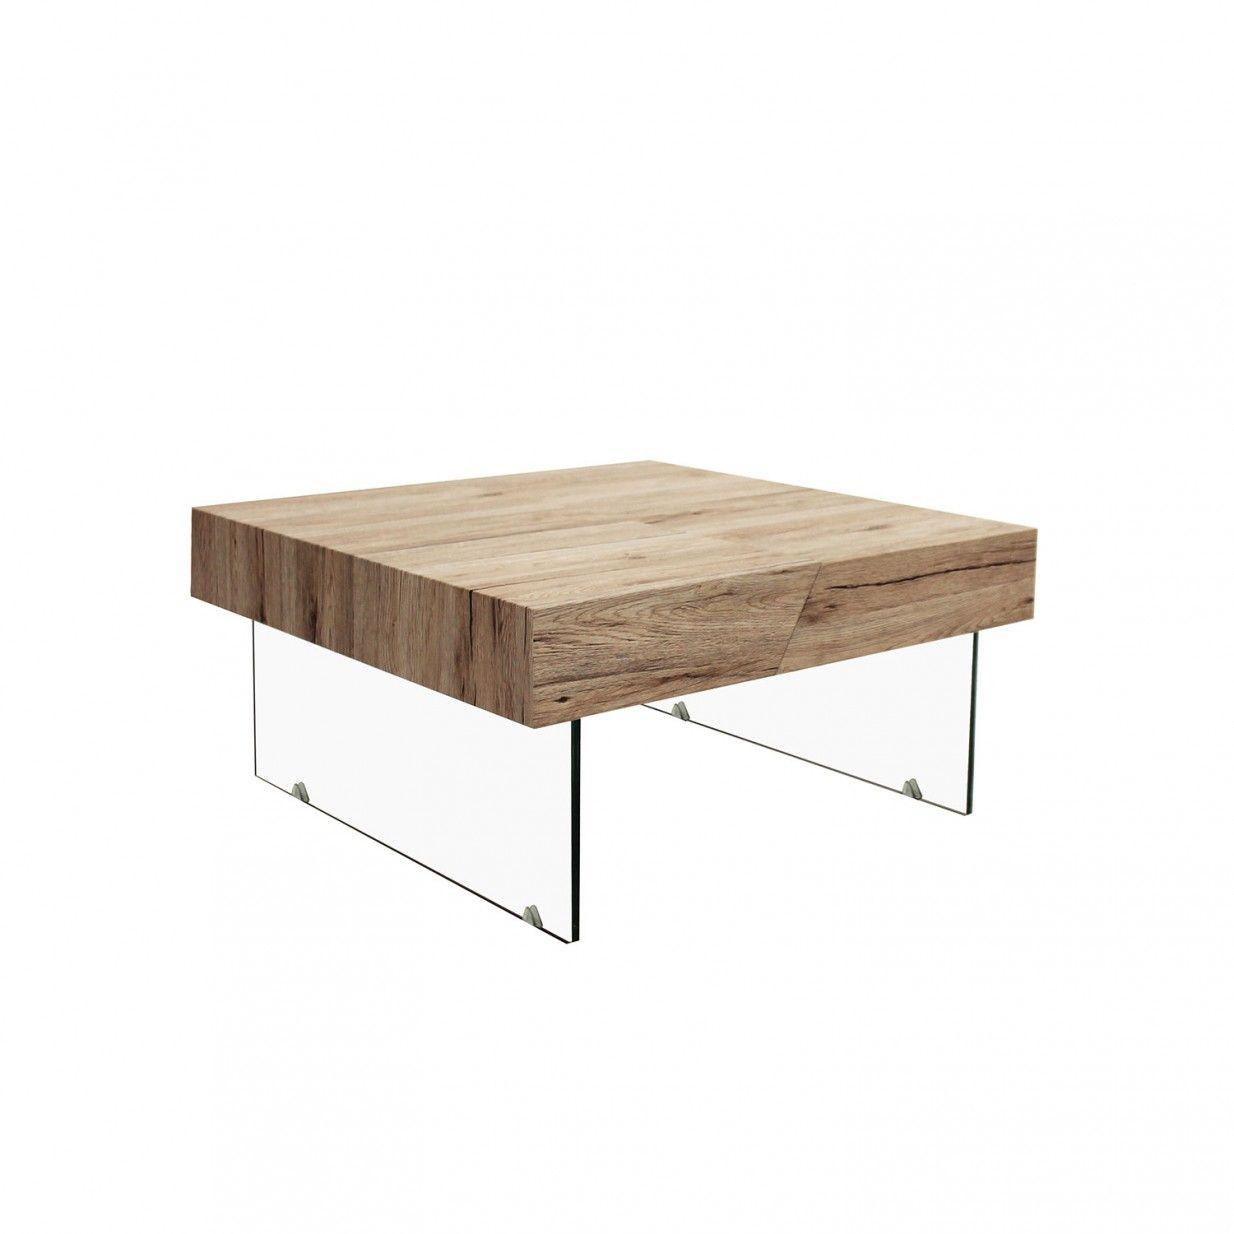 Toronto Beistelltisch 2 | Canett Furniture | Möbel | Pinterest | Möbel